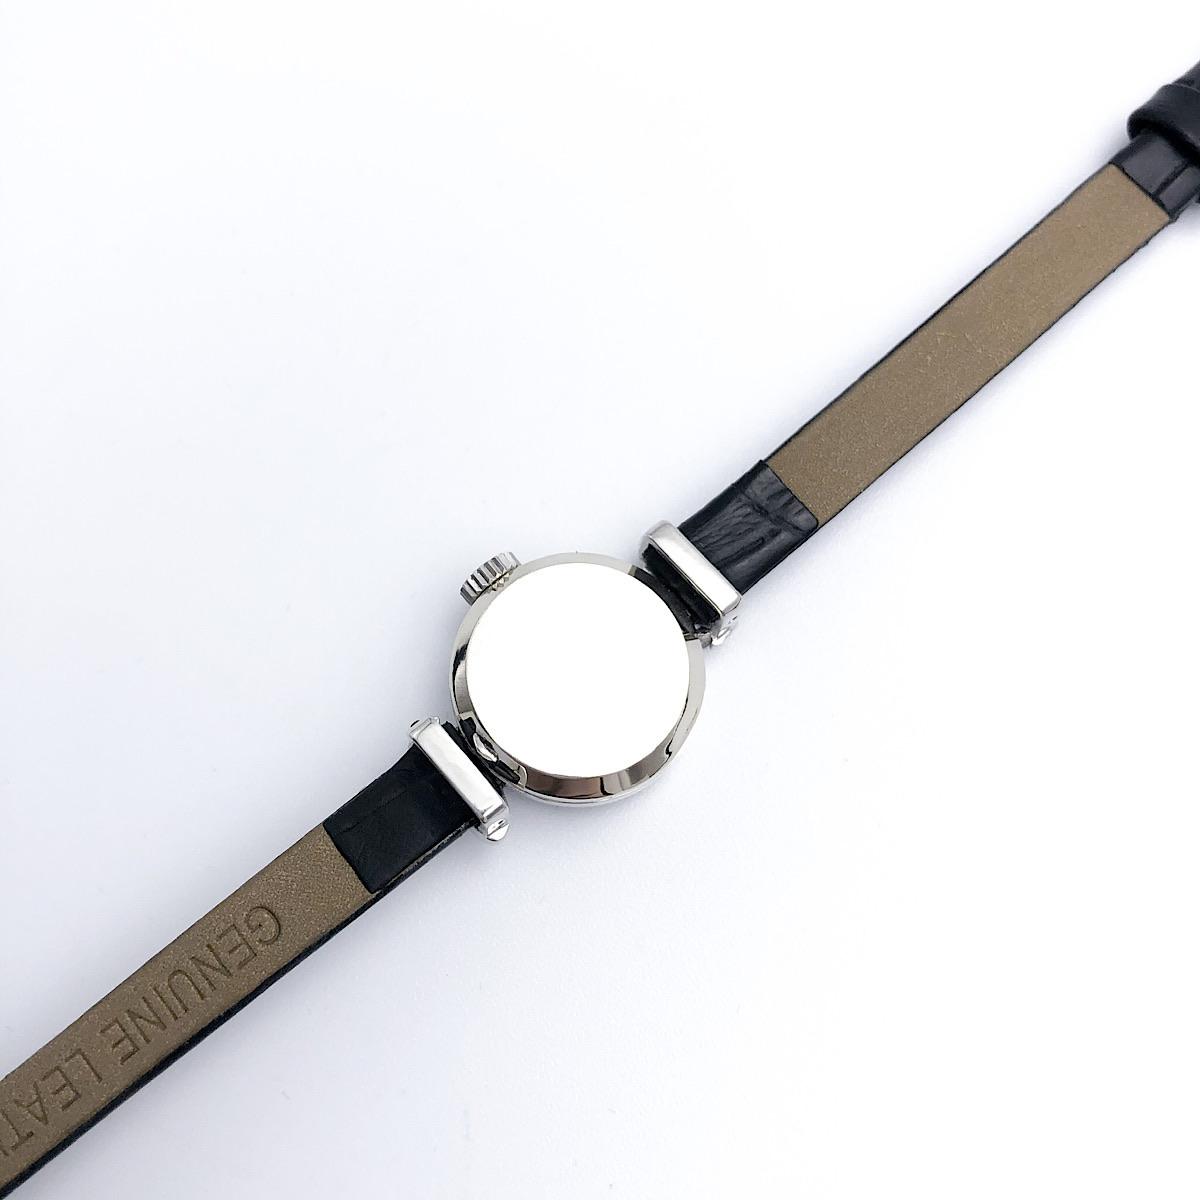 仕上済 OMEGA オメガ カットガラス K14WG 2Pダイヤ ダイヤモンド レディース 腕時計 時計 送料無料TJKc3lF1